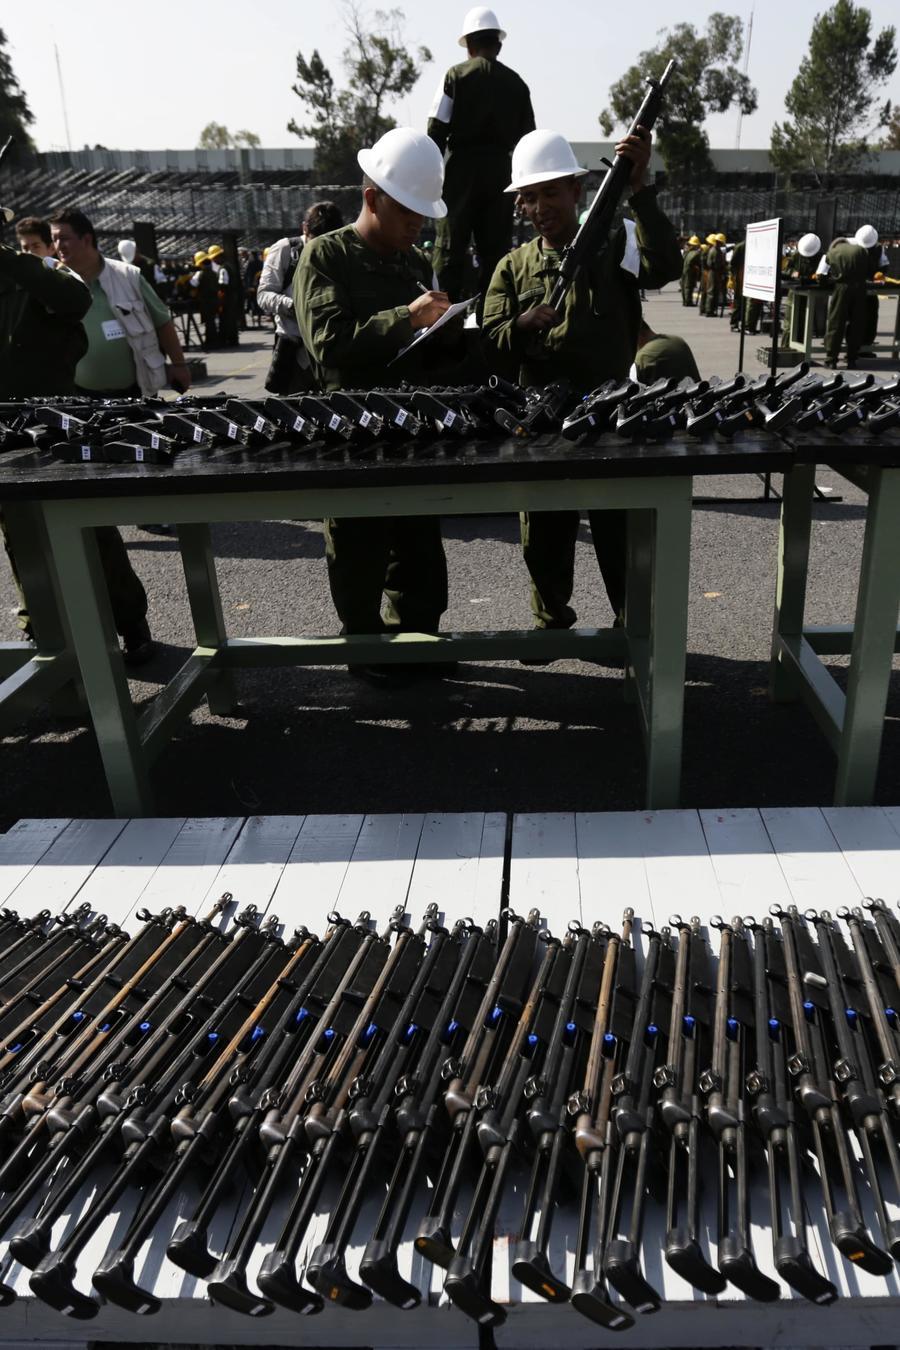 Fotografía de archivo de un cargamento de armas del crimen organizado confiscado por el Ejército mexicano